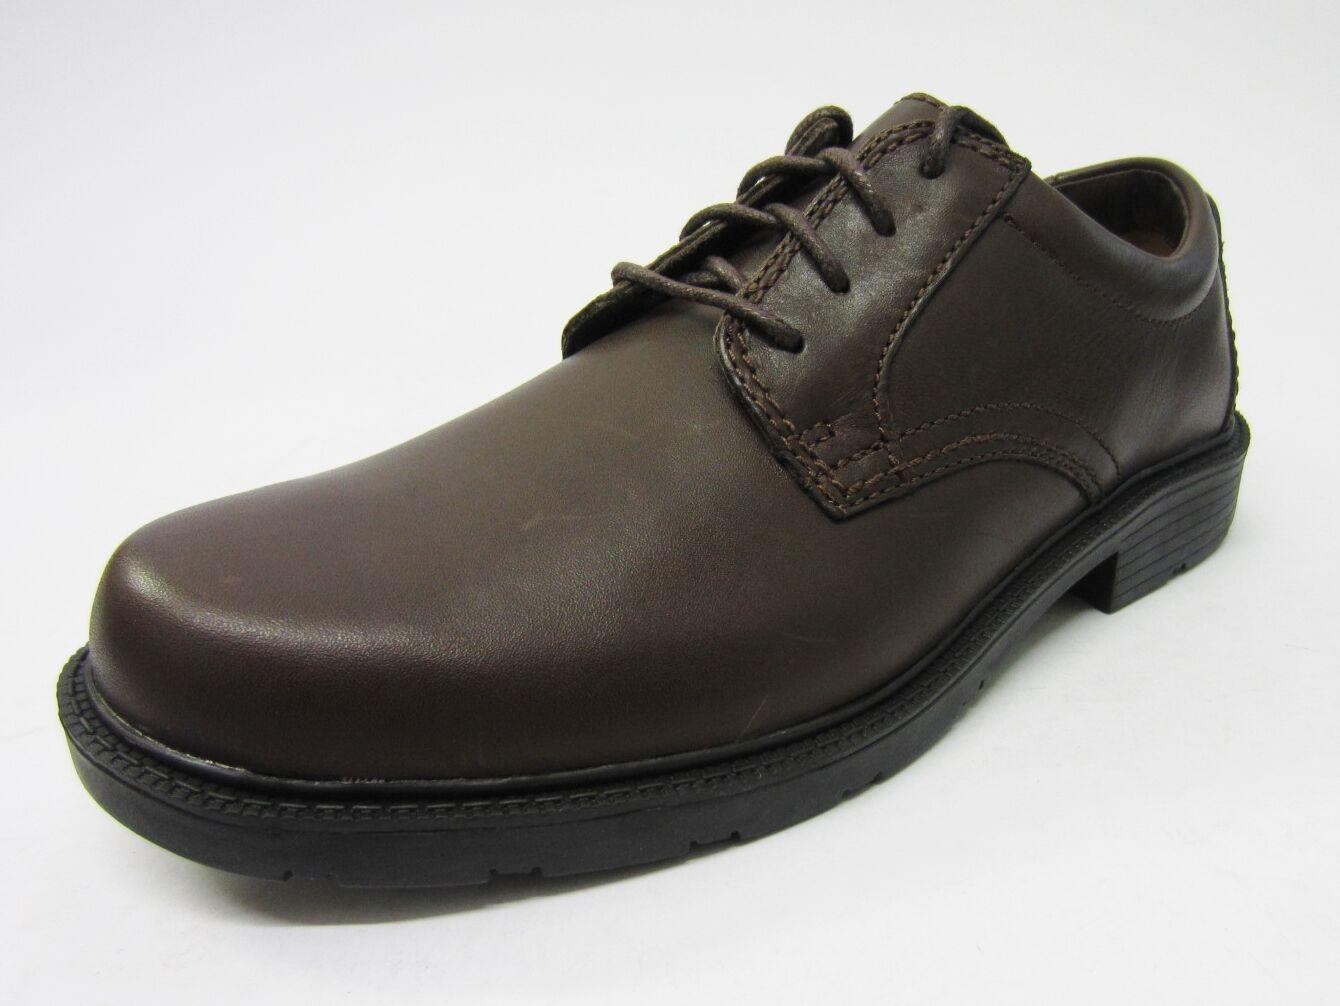 Clarks Lair Reloj De Hombre Marrón Oscuro Cuero ~ Casual encaje ancho Zapato ~ Cuero G c62434